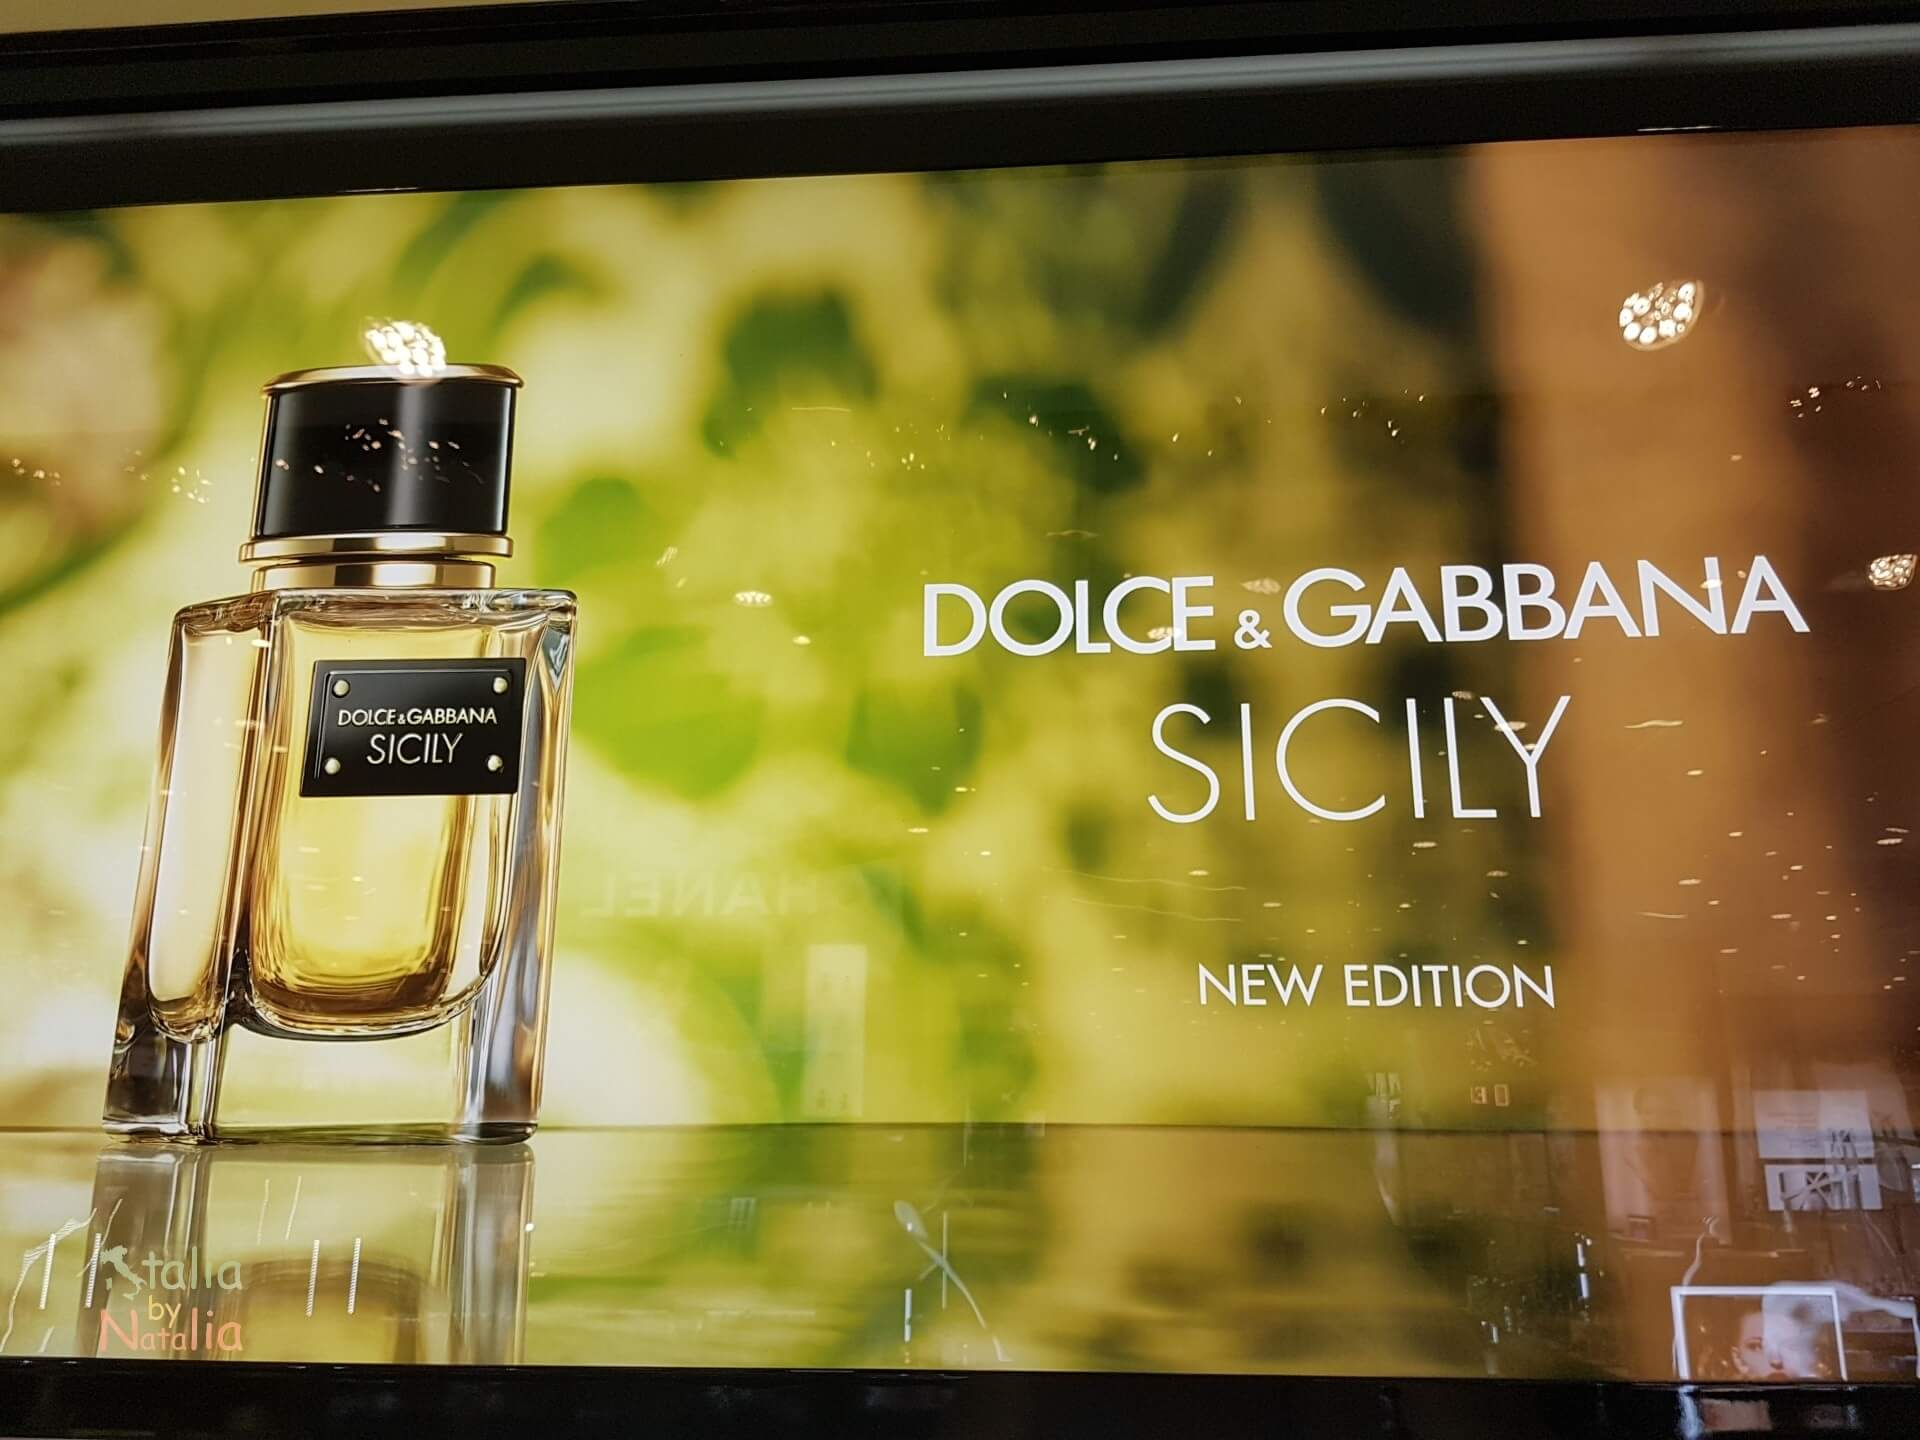 prezent dla miłośnika Włoch pod choinkę święta urodziny imieniny rocznice slubu Dolce Gabbana Sicily new edition